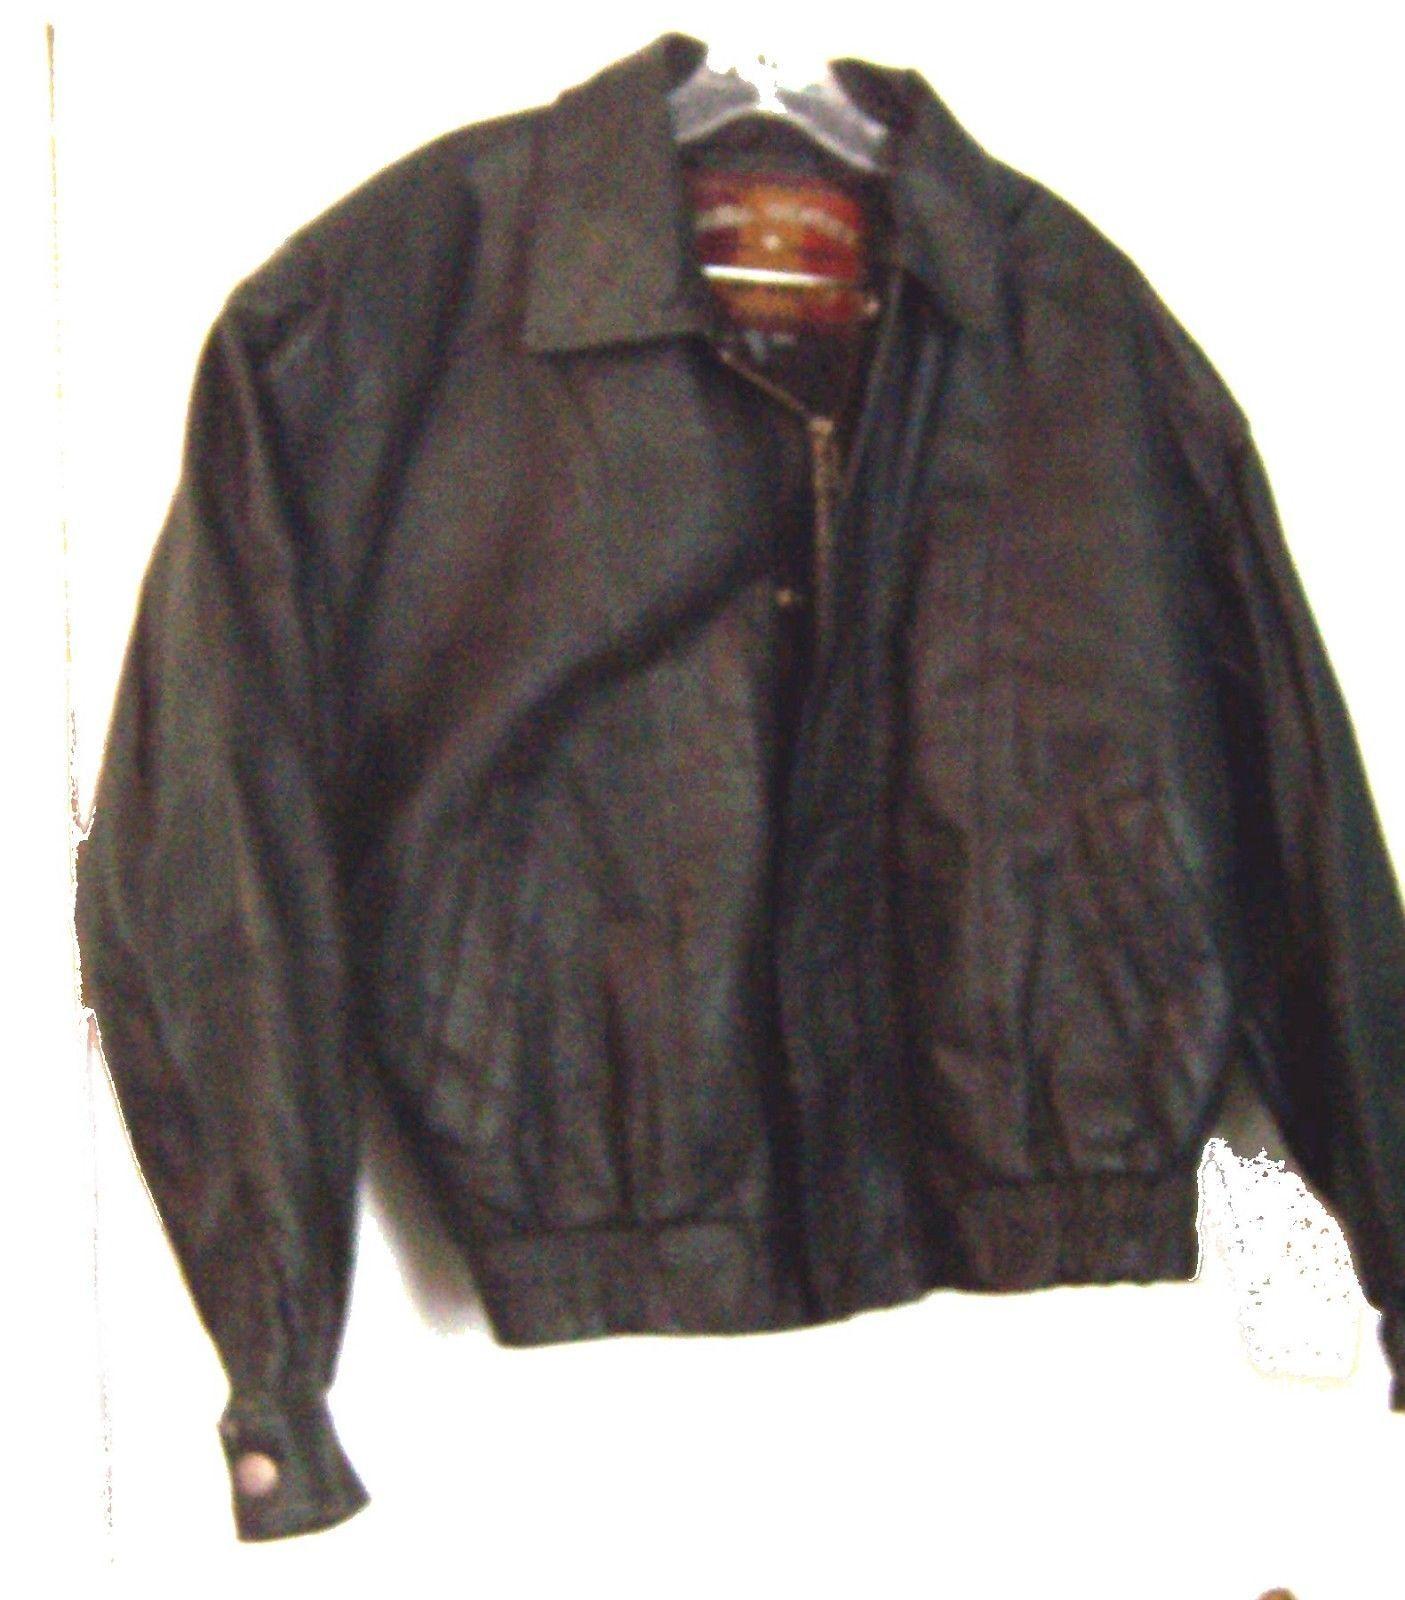 Global Identity Mans Black Leather Zip Up Bomber Jacket Size Medium